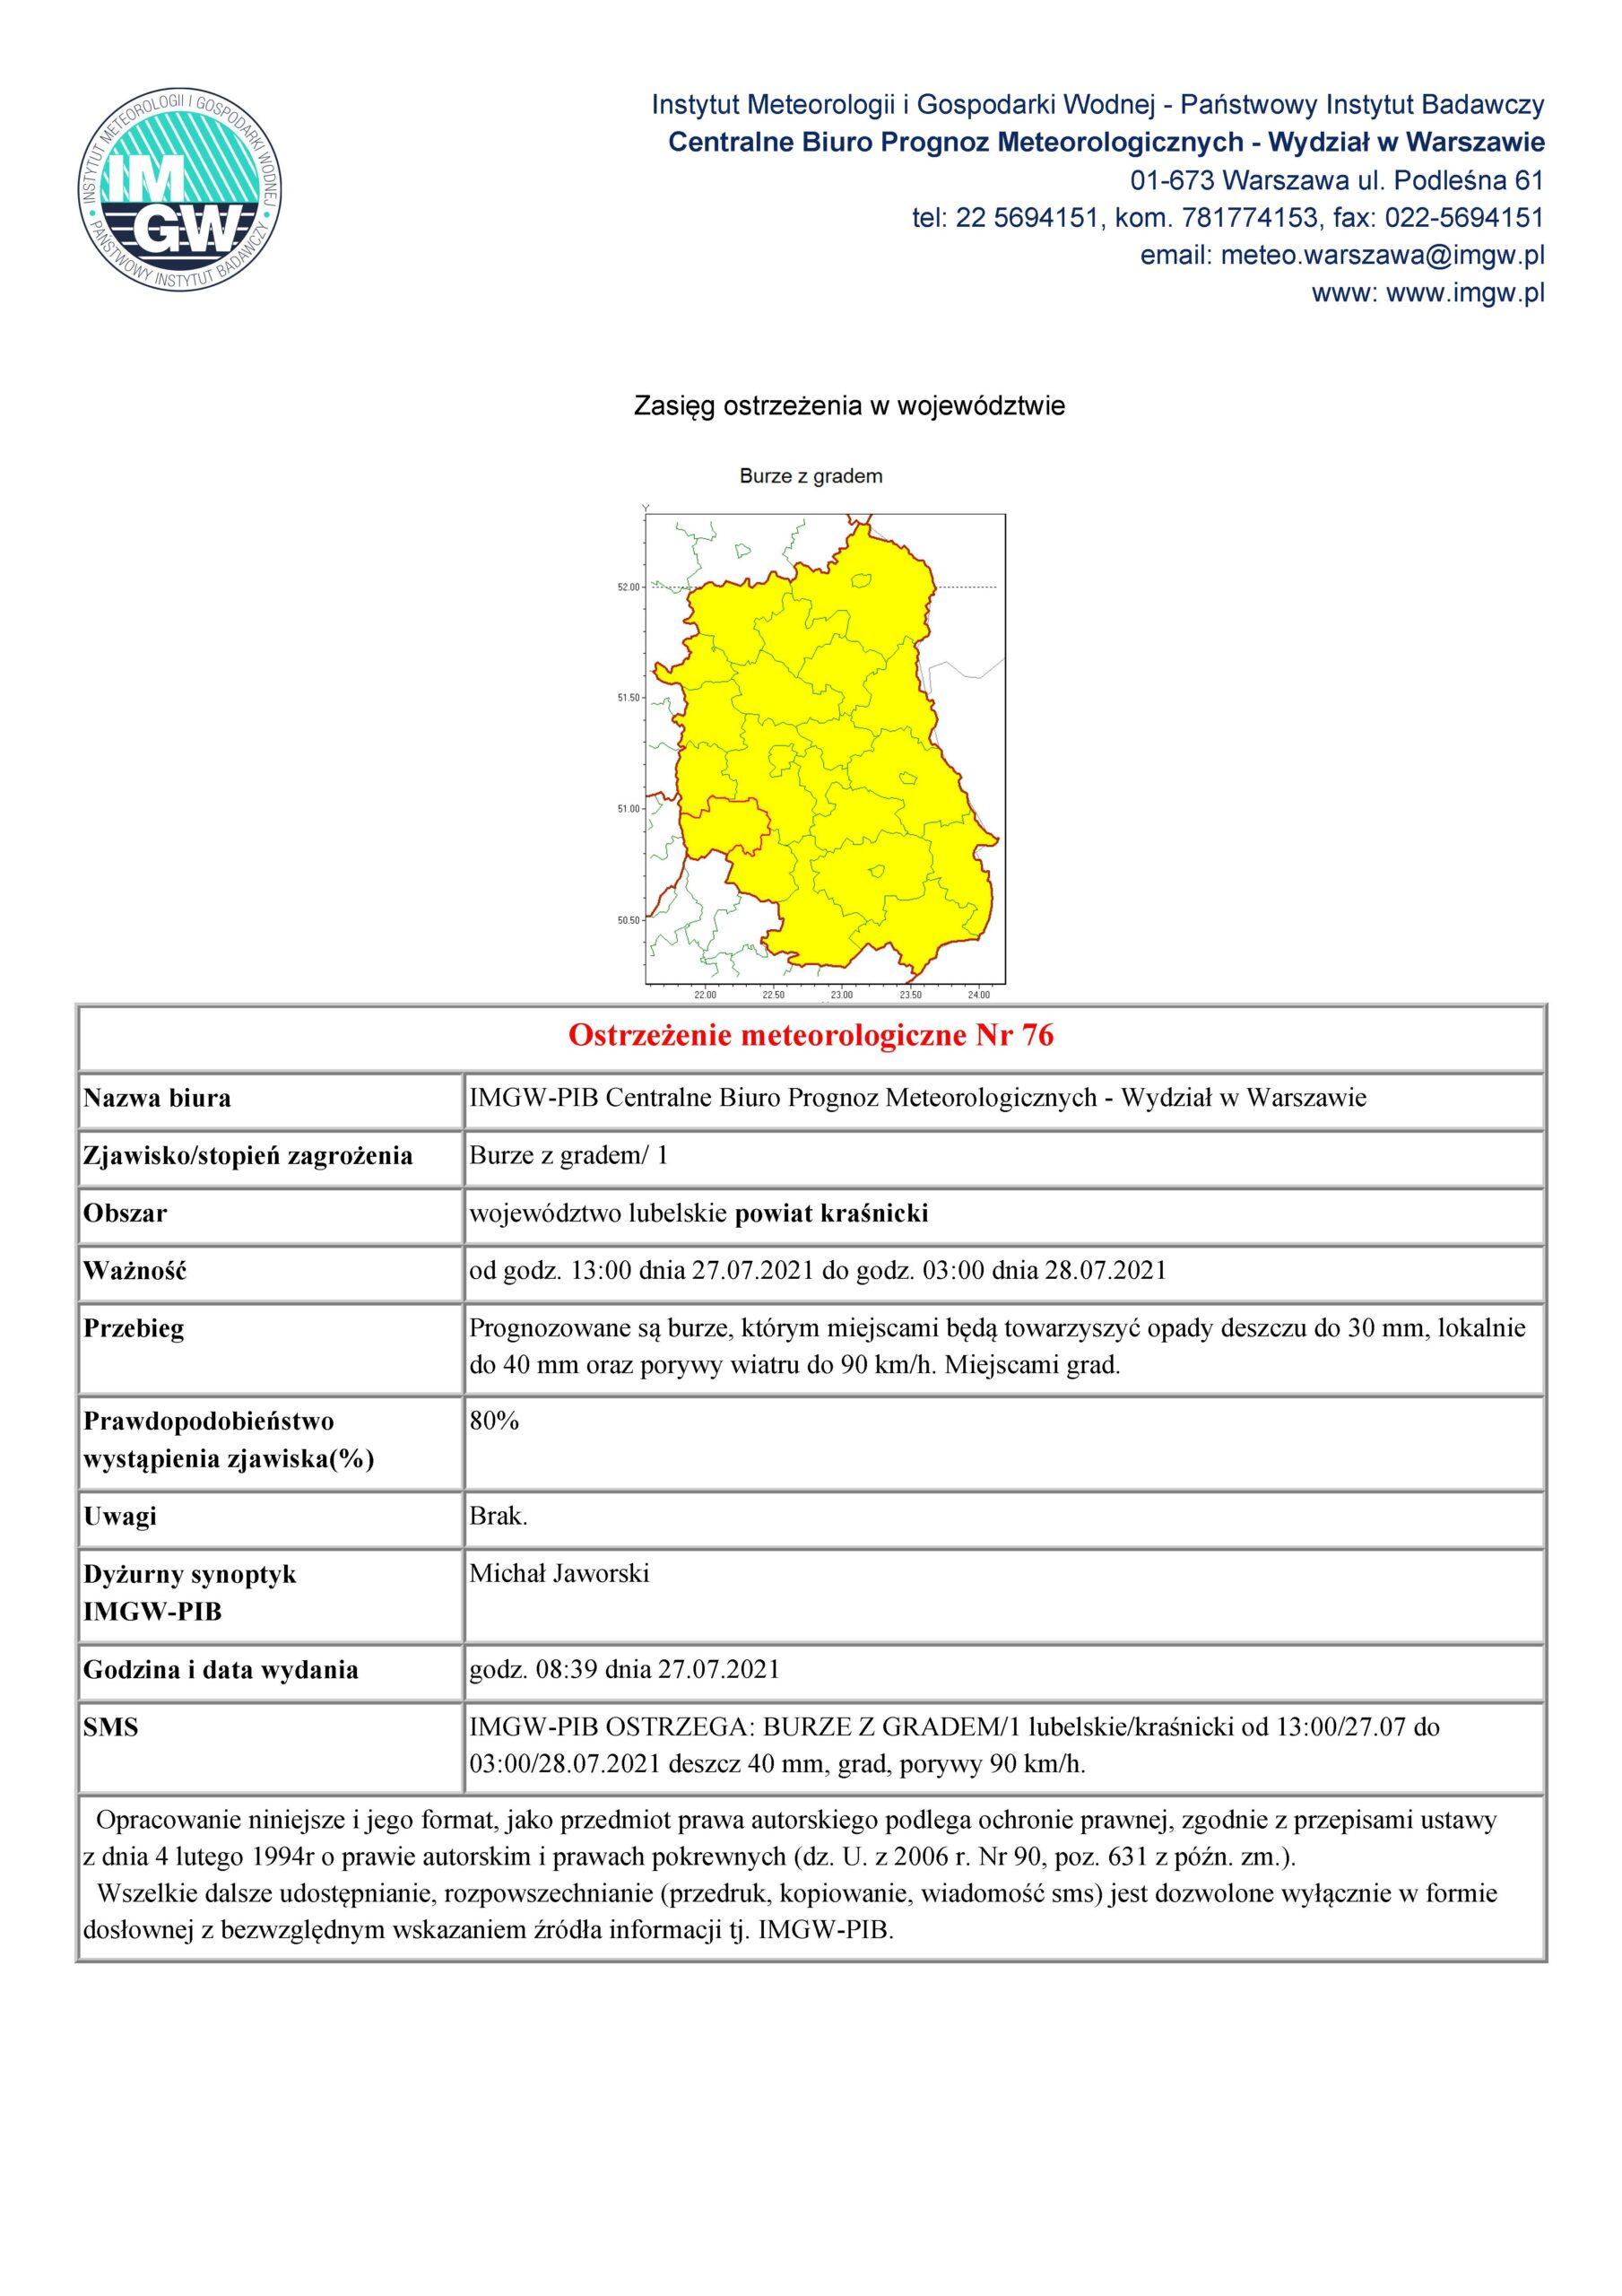 Ostrzeżenie meteorologiczne Nr 76 z dnia 27.07.2021 r.